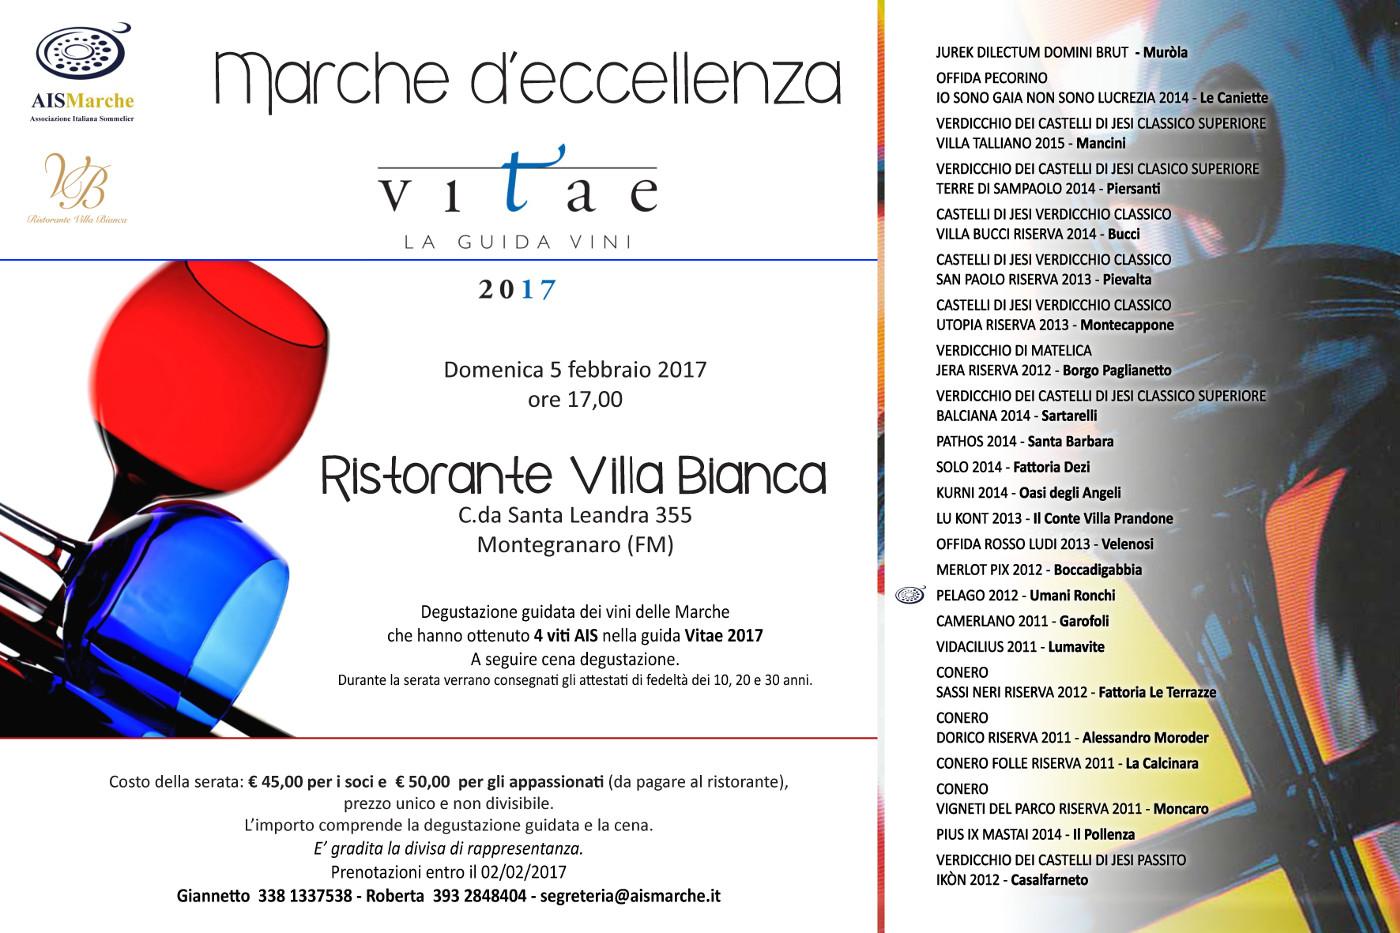 Ais marche associazione italiana sommelier marche for Eventi marche 2017